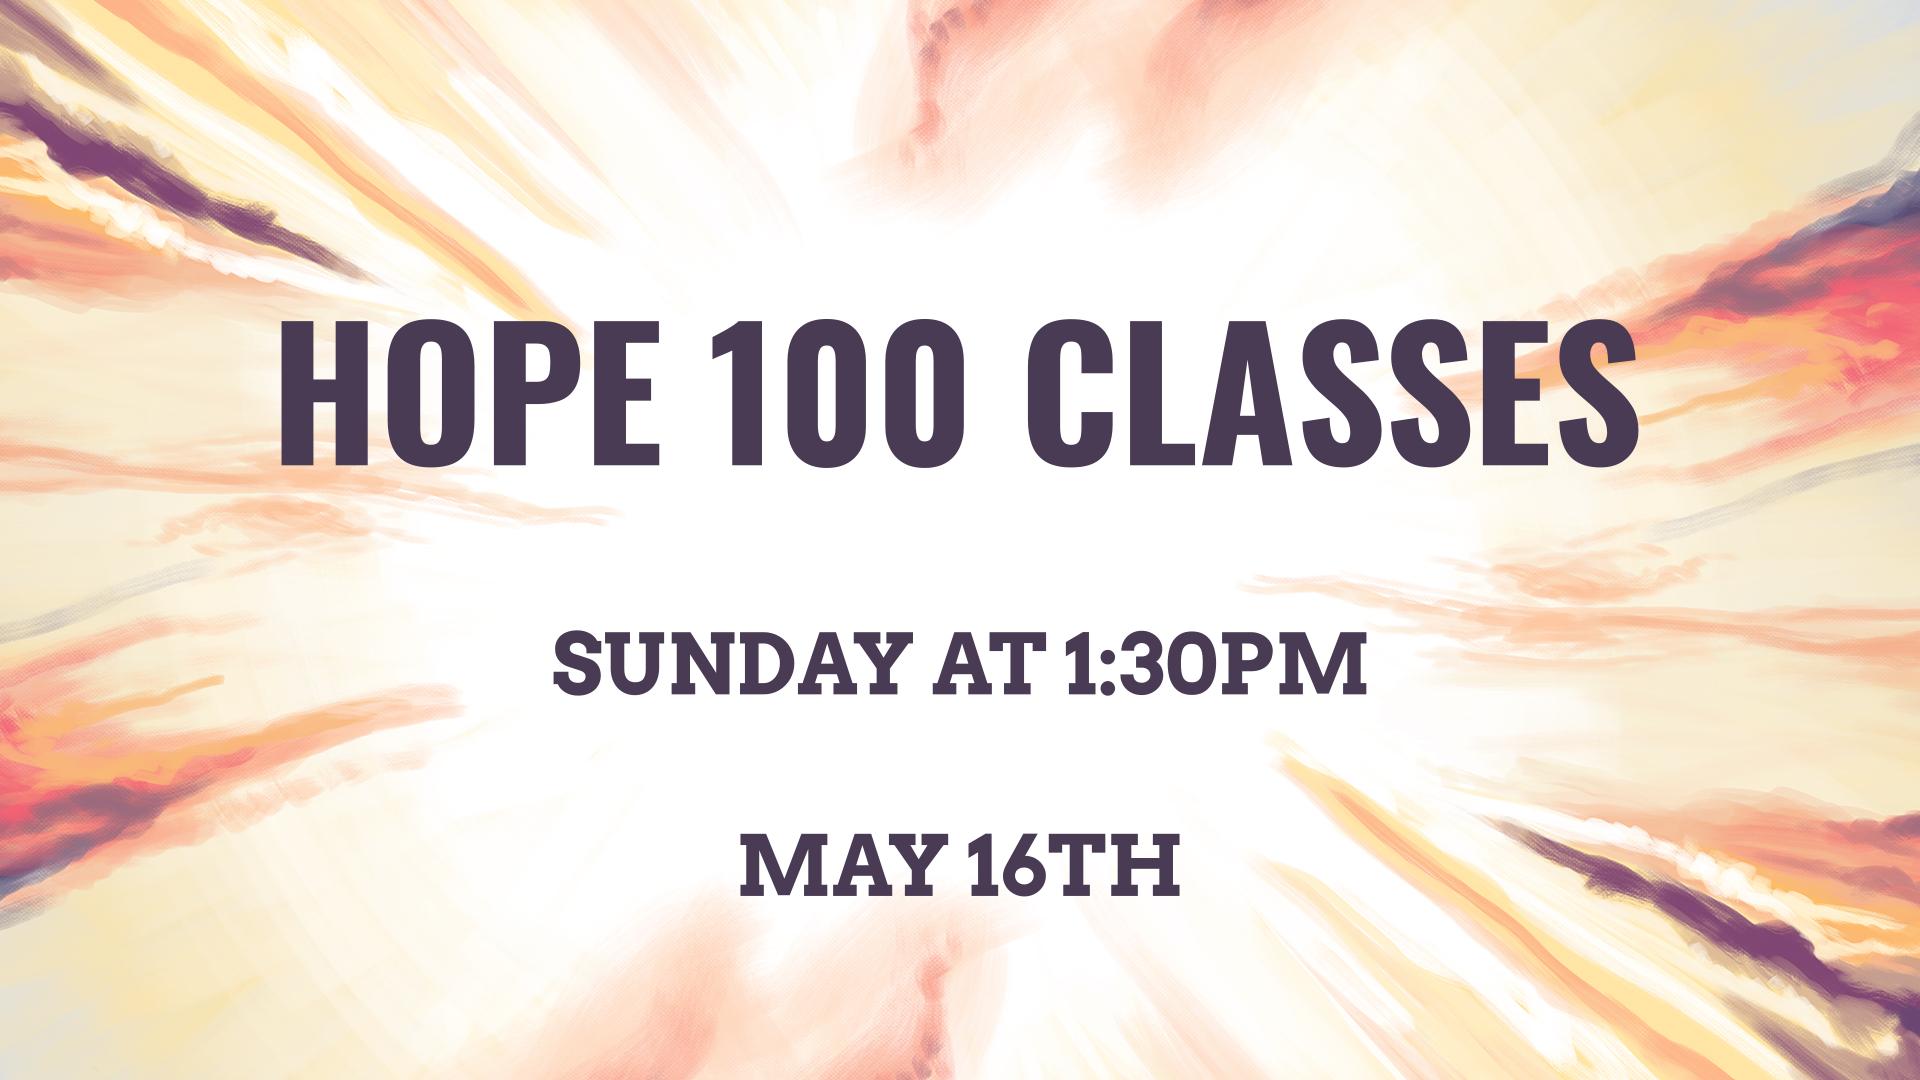 Hope 100 Classes